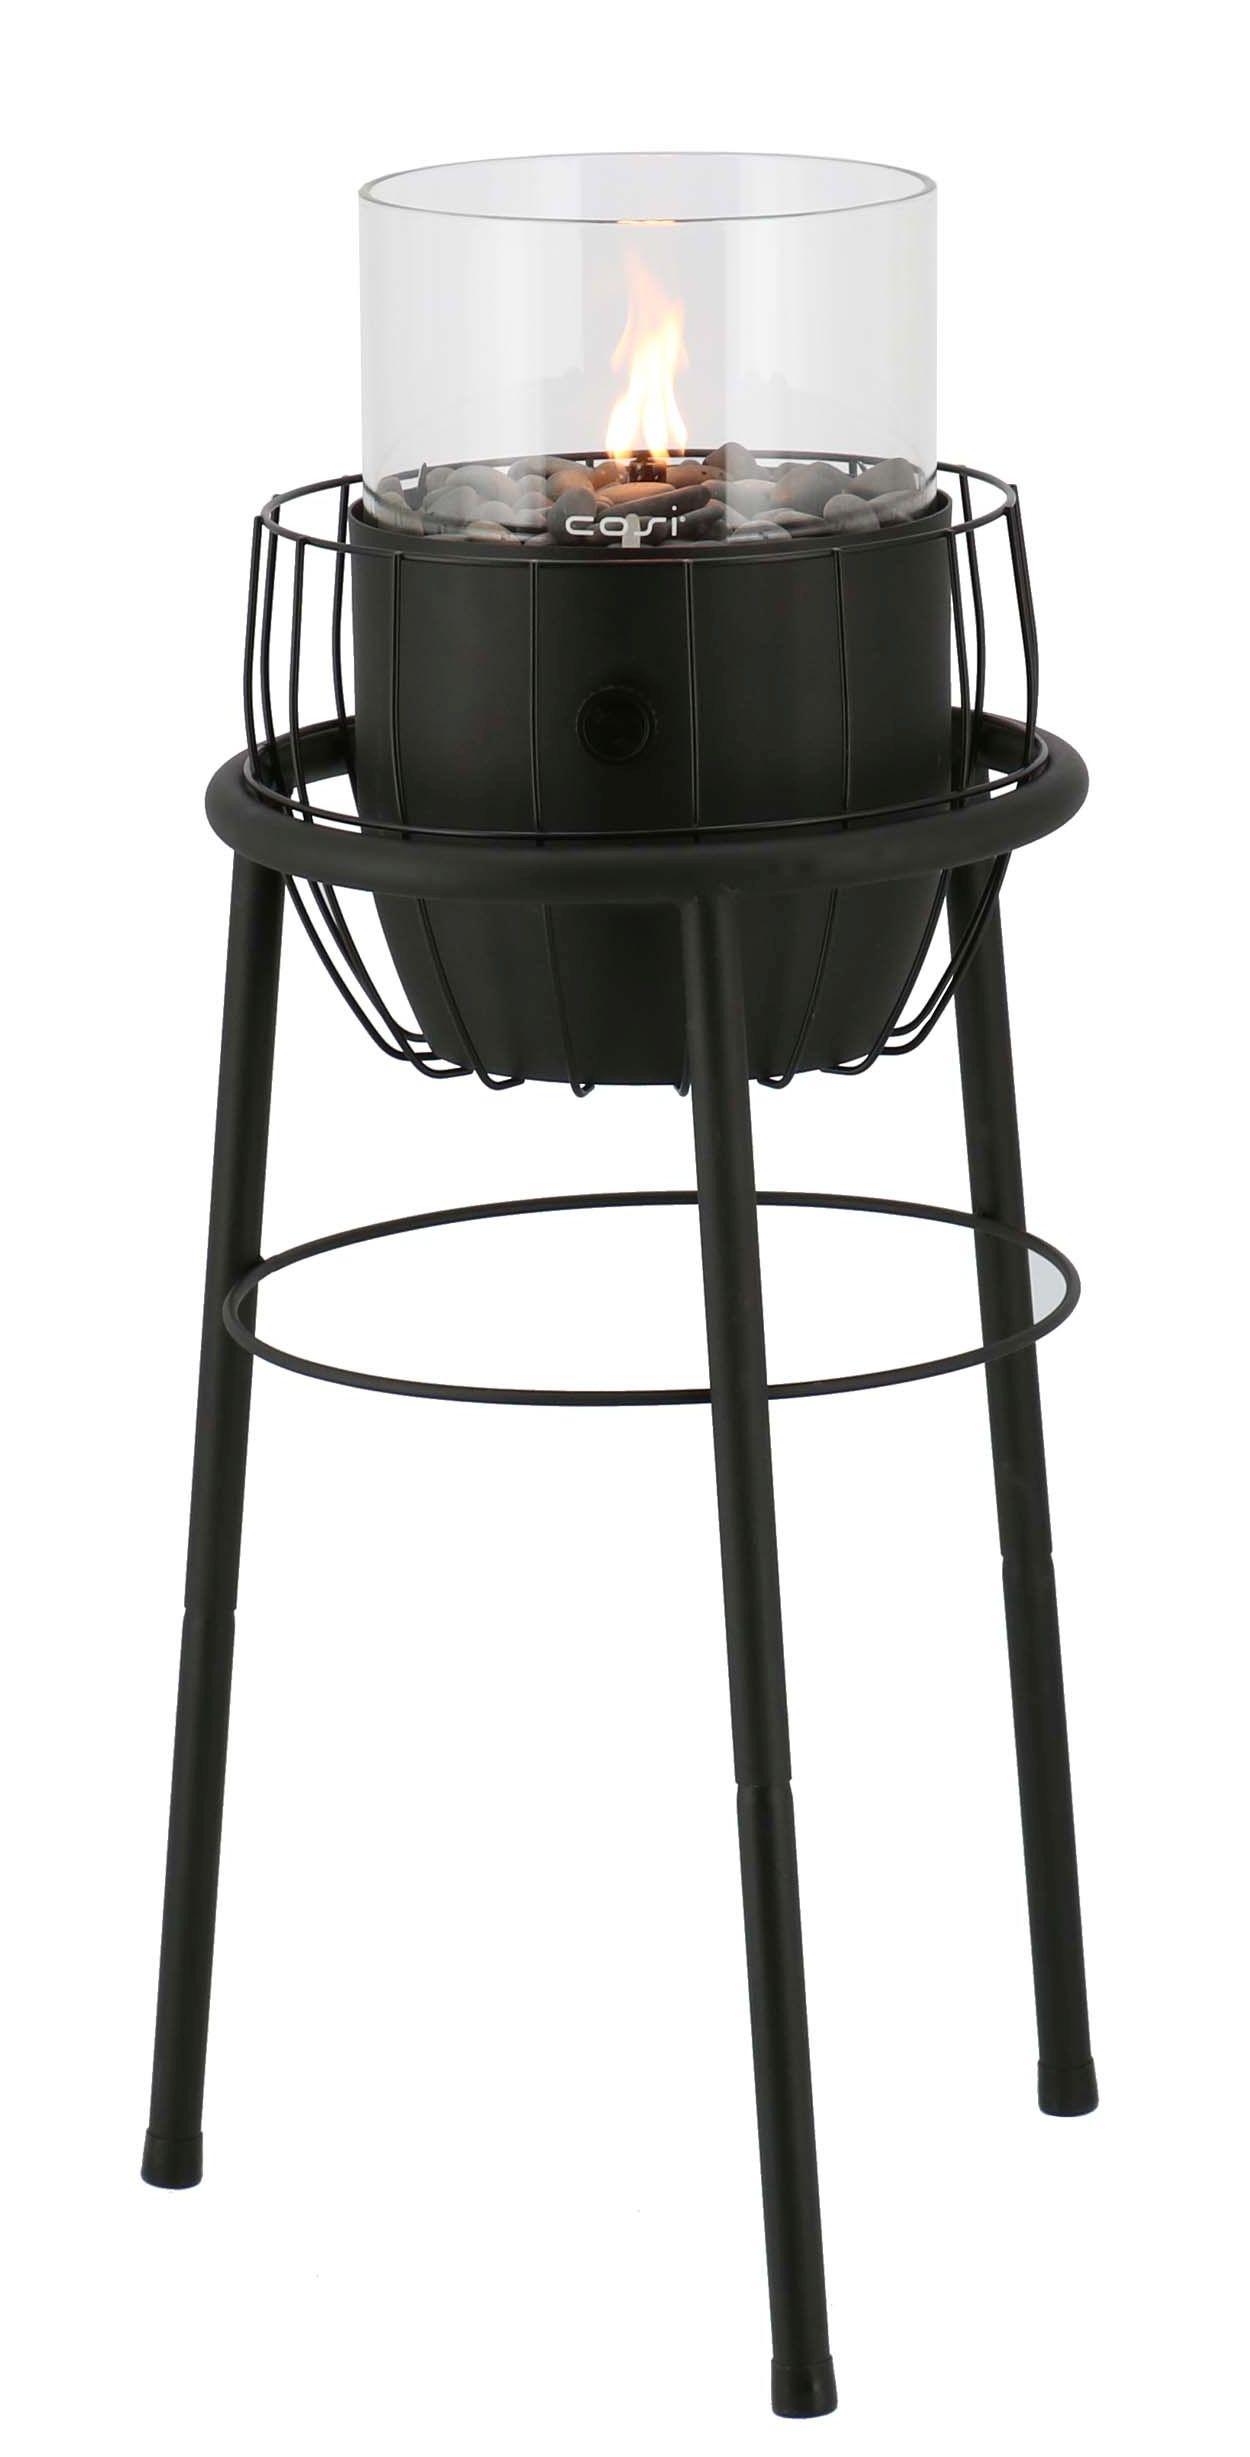 Cosi Fires vuurtafels en gaslantaarns Cosi Fires gaslantaarn Cosiscoop Basket High Black